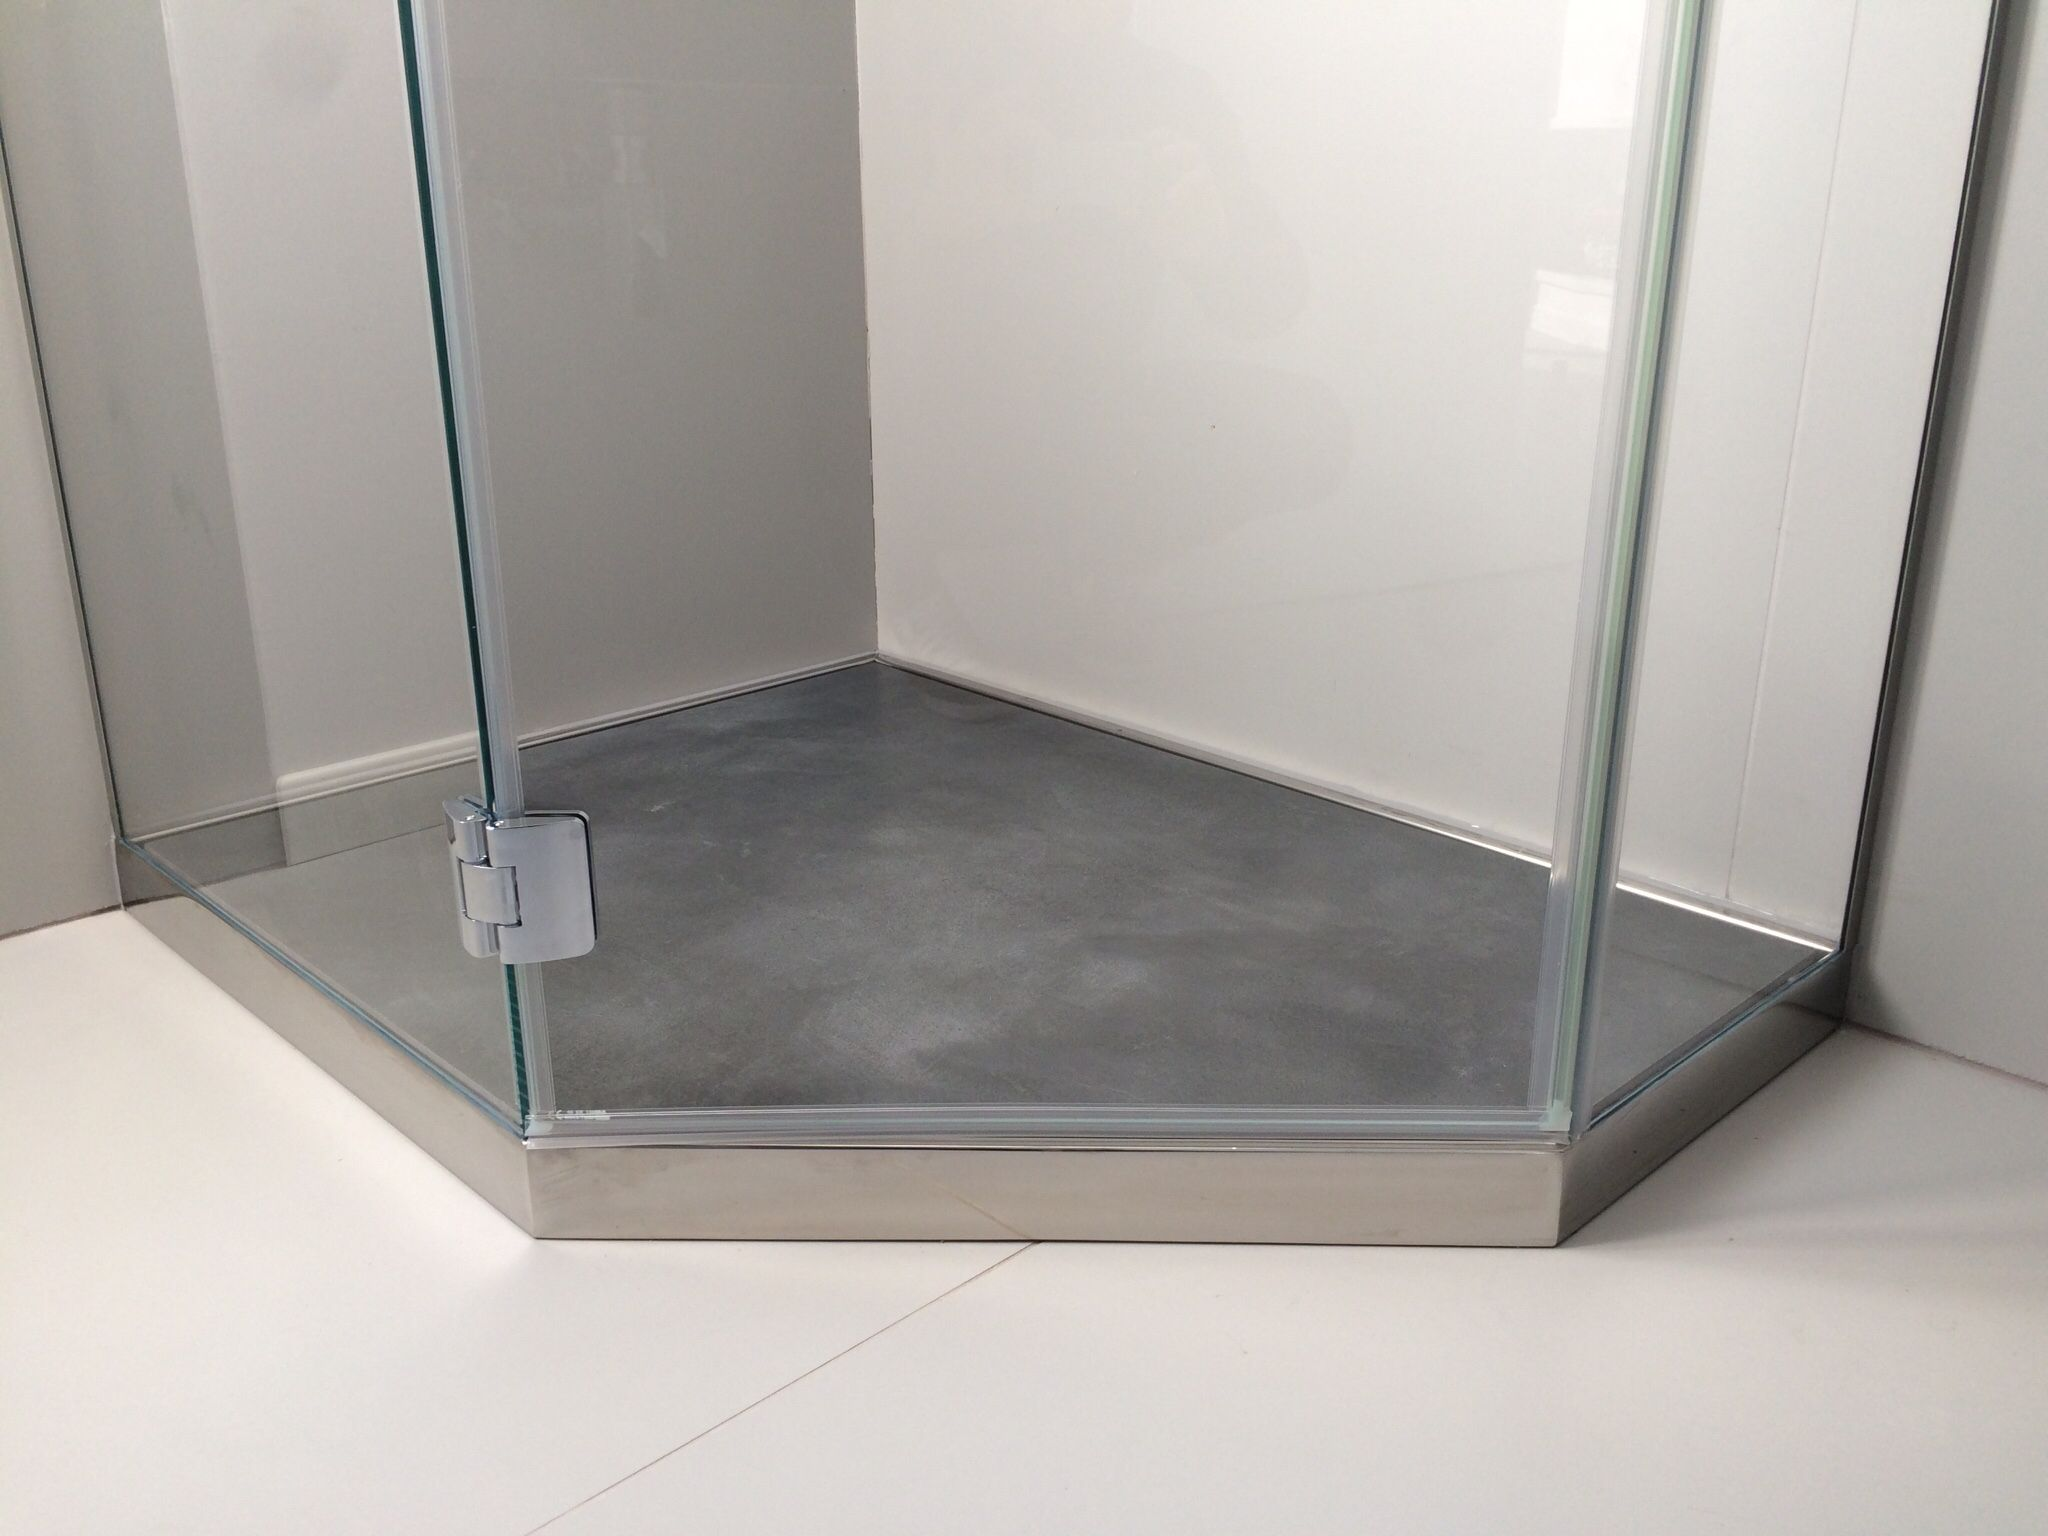 Piatto doccia su misura silverplat piatti doccia - Doccia senza piatto ...